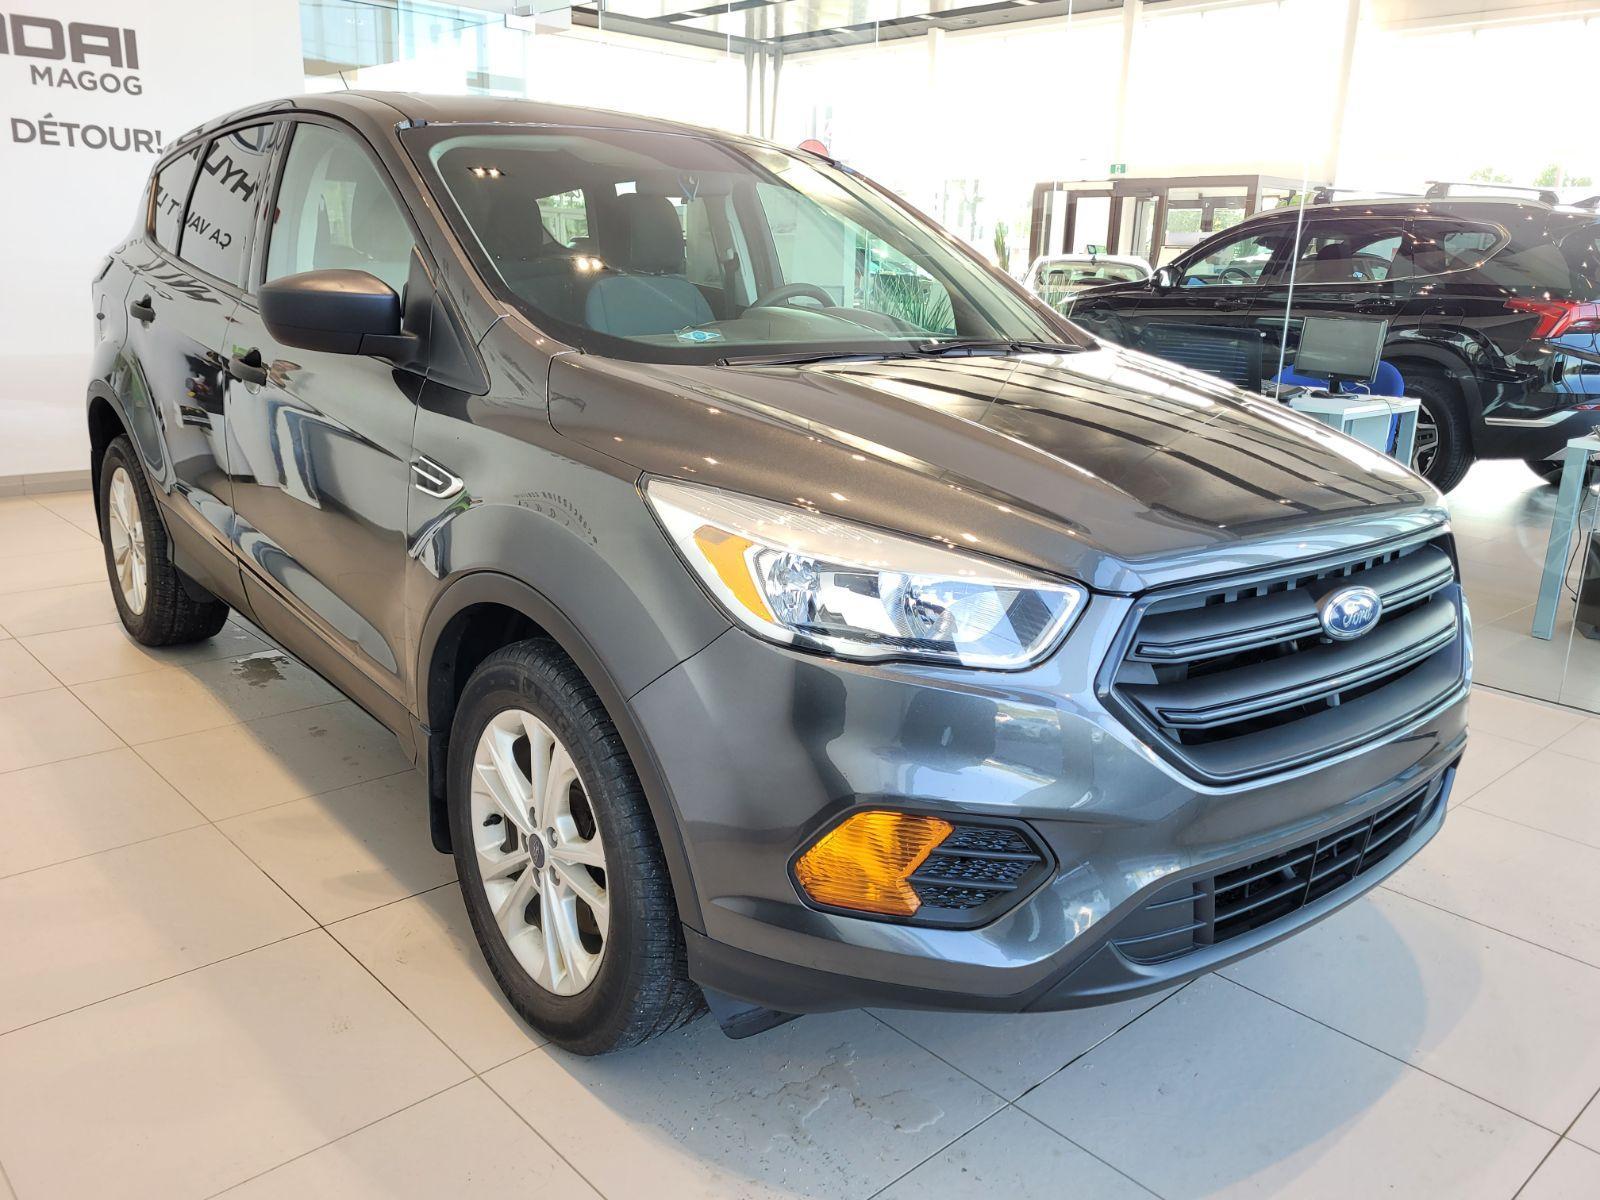 Ford Escape 2017 S